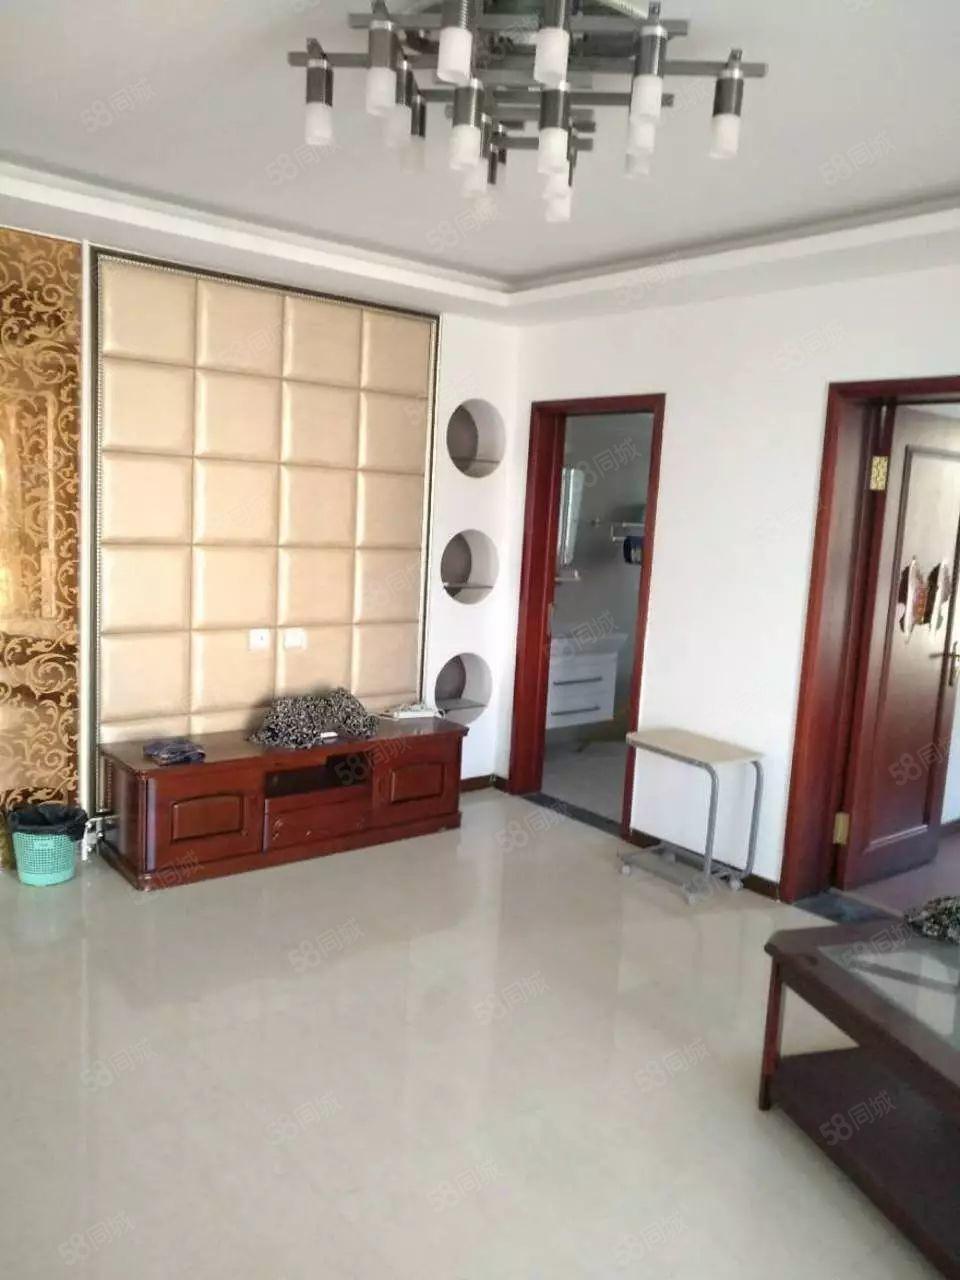 华丽家族高层3室135平毛坯低于售楼部价格随时装修入住